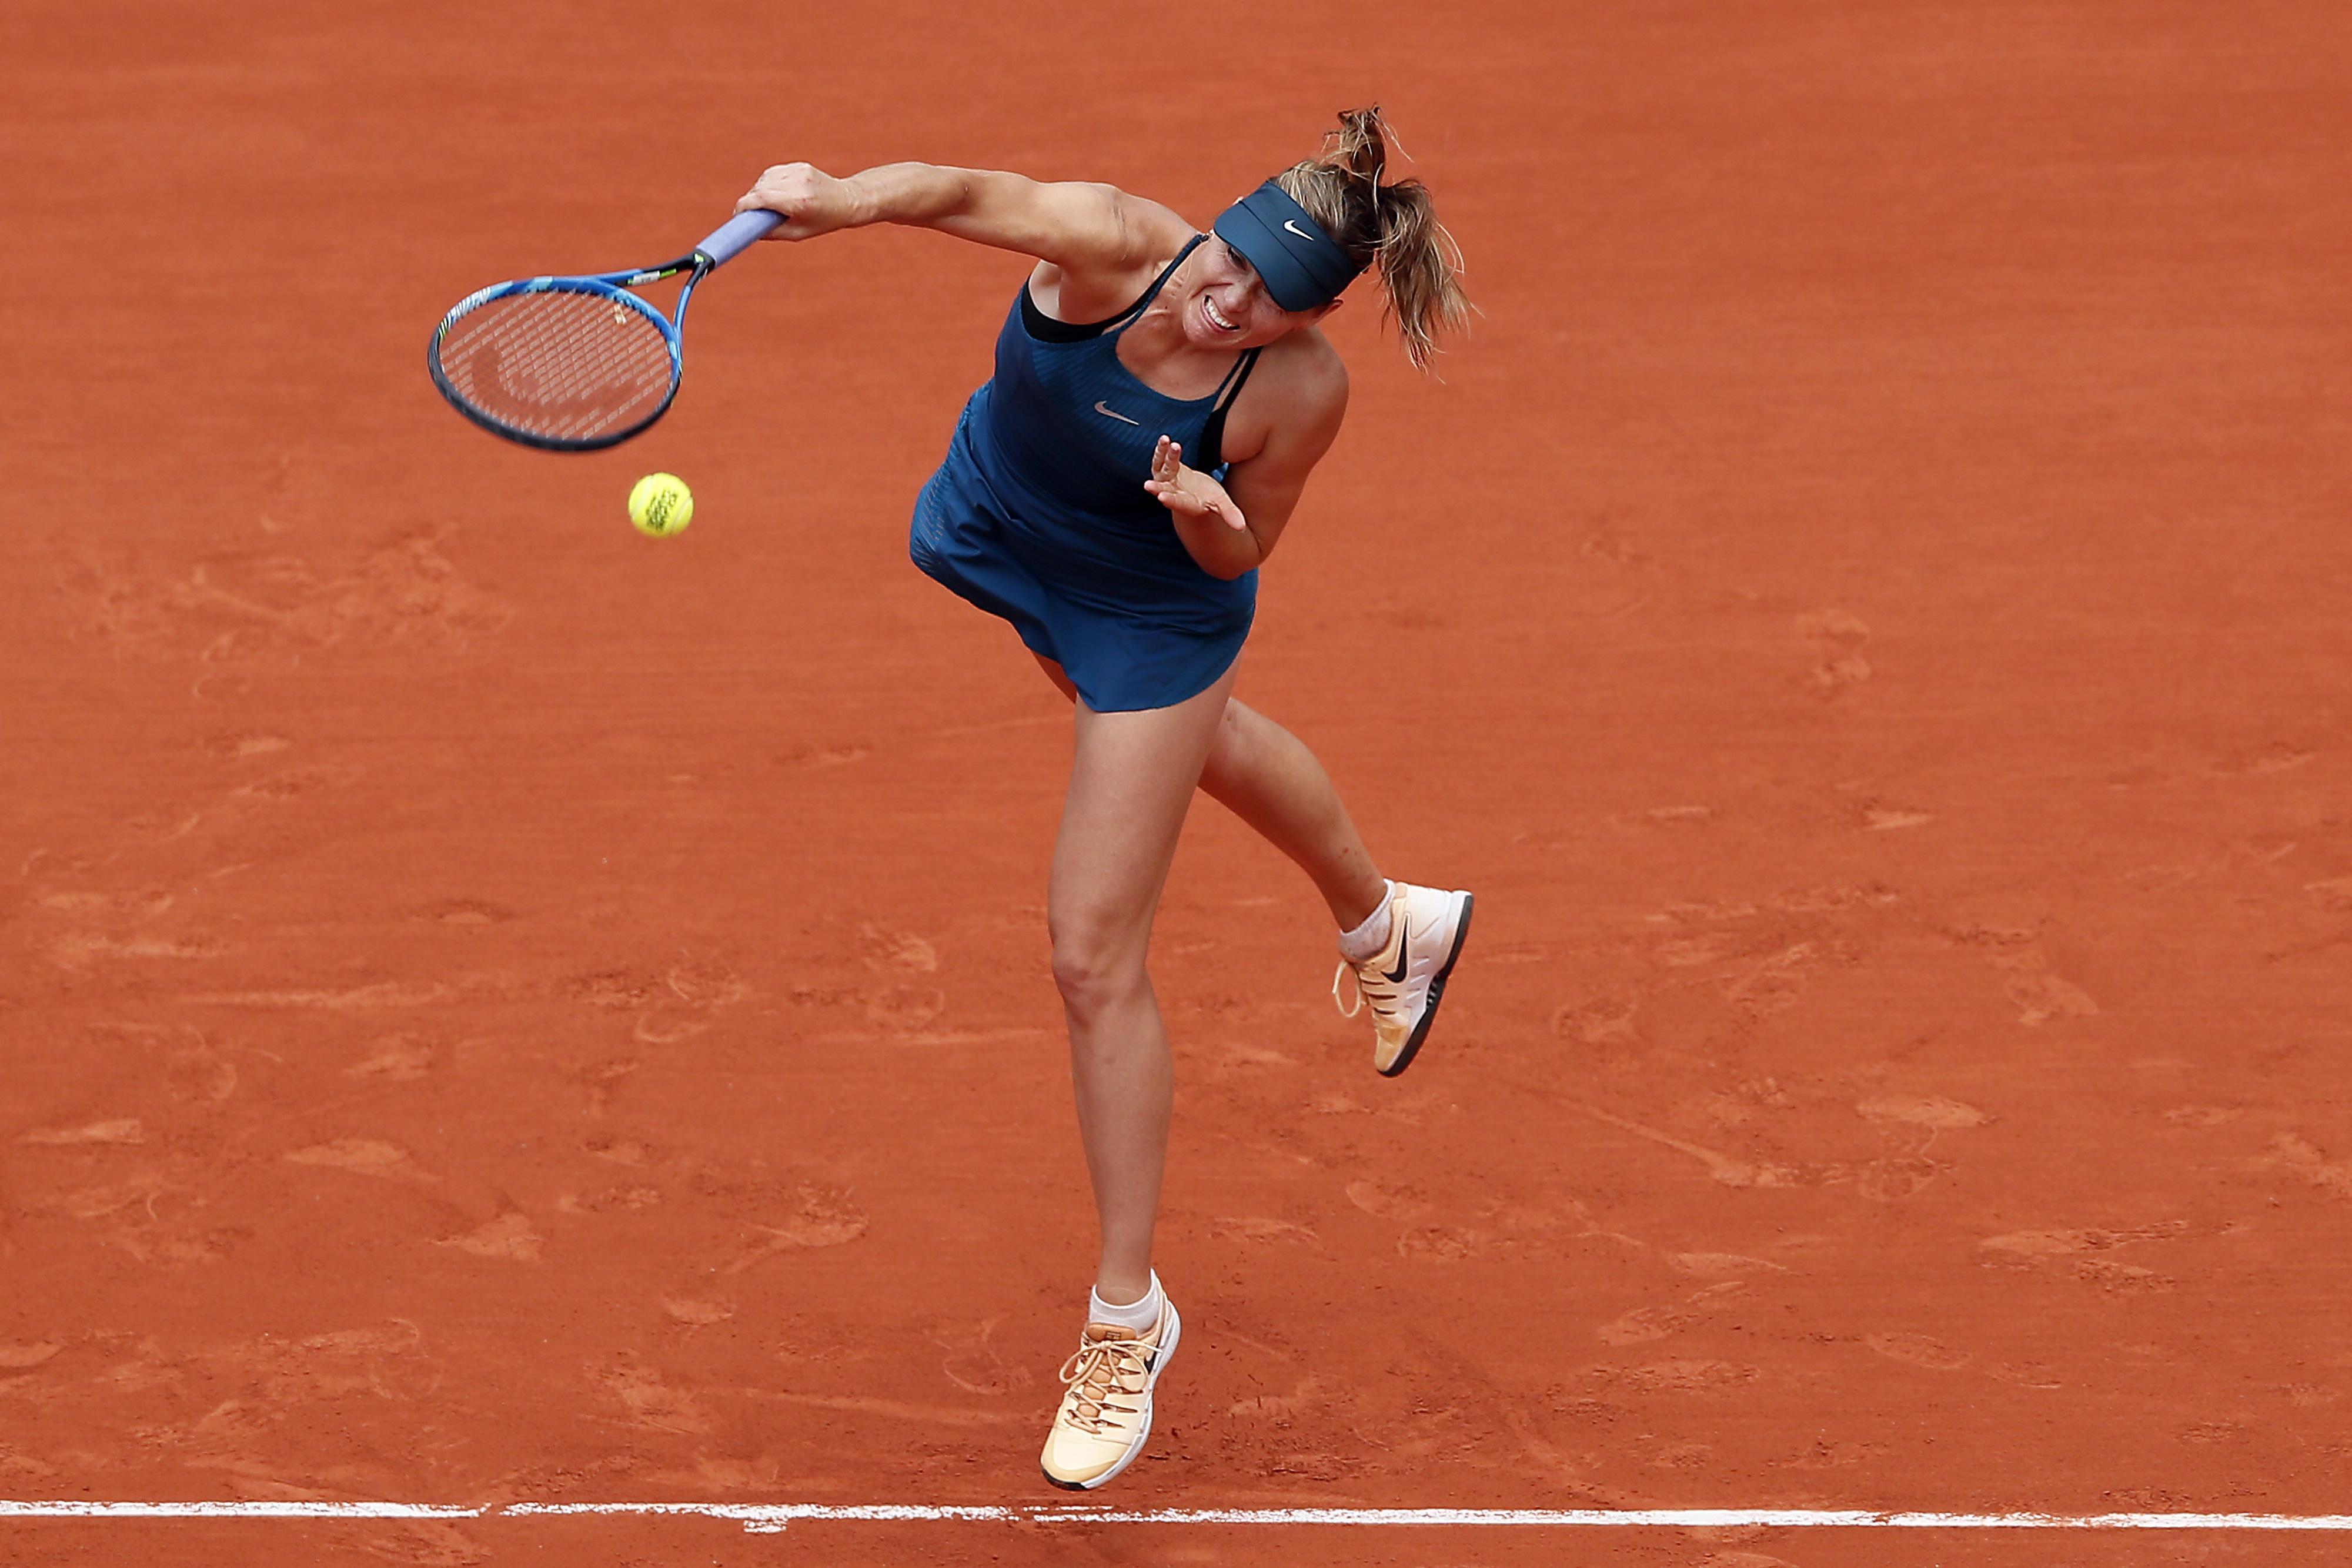 Maria Sharapova was far too strong for Karolina Pliskova